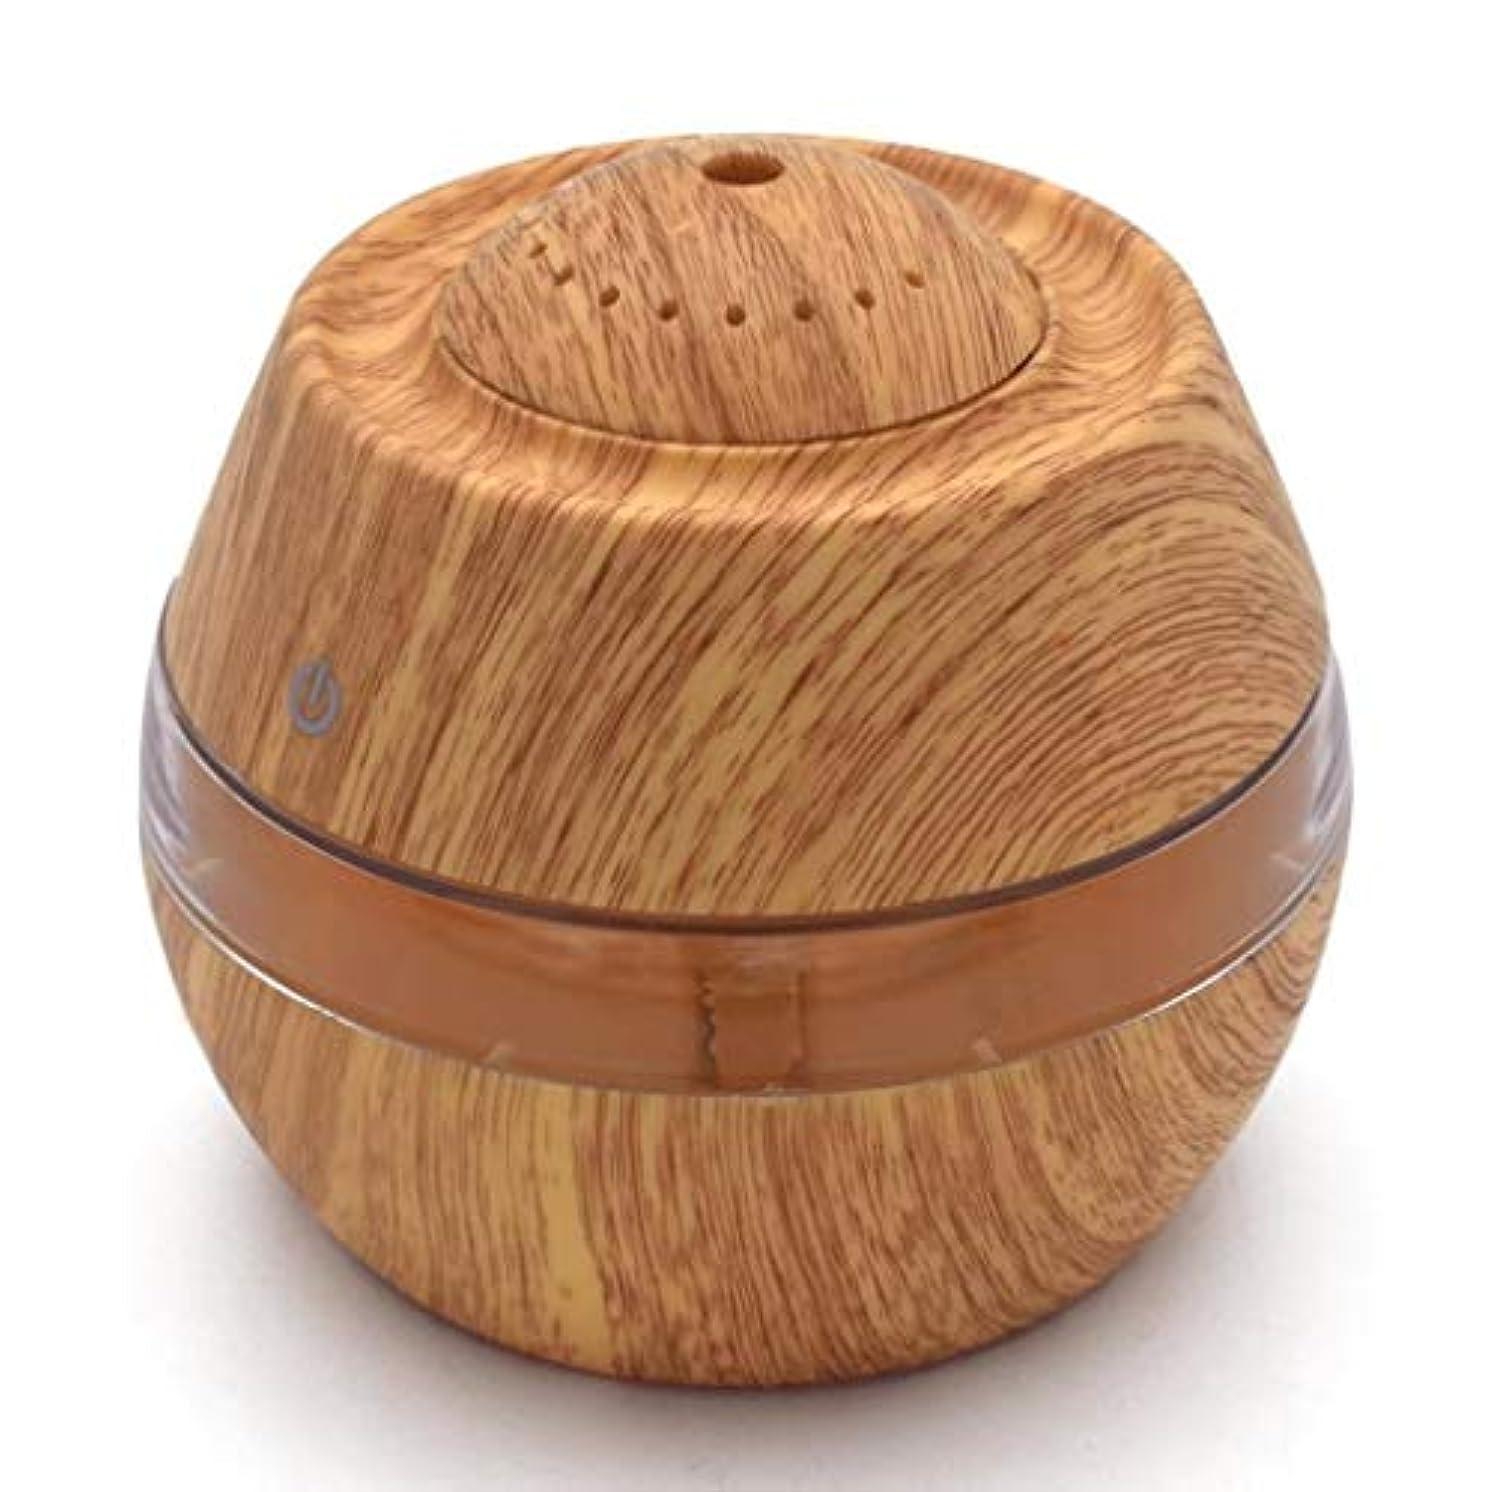 男らしい外国人冬オイルディフューザーエッセンシャルオイル300ミリリットルエッセンシャルオイルディフューザー電気超音波加湿器アロマ用ベビールームホームスパギフト用女性 (Color : Light Wood Grain)